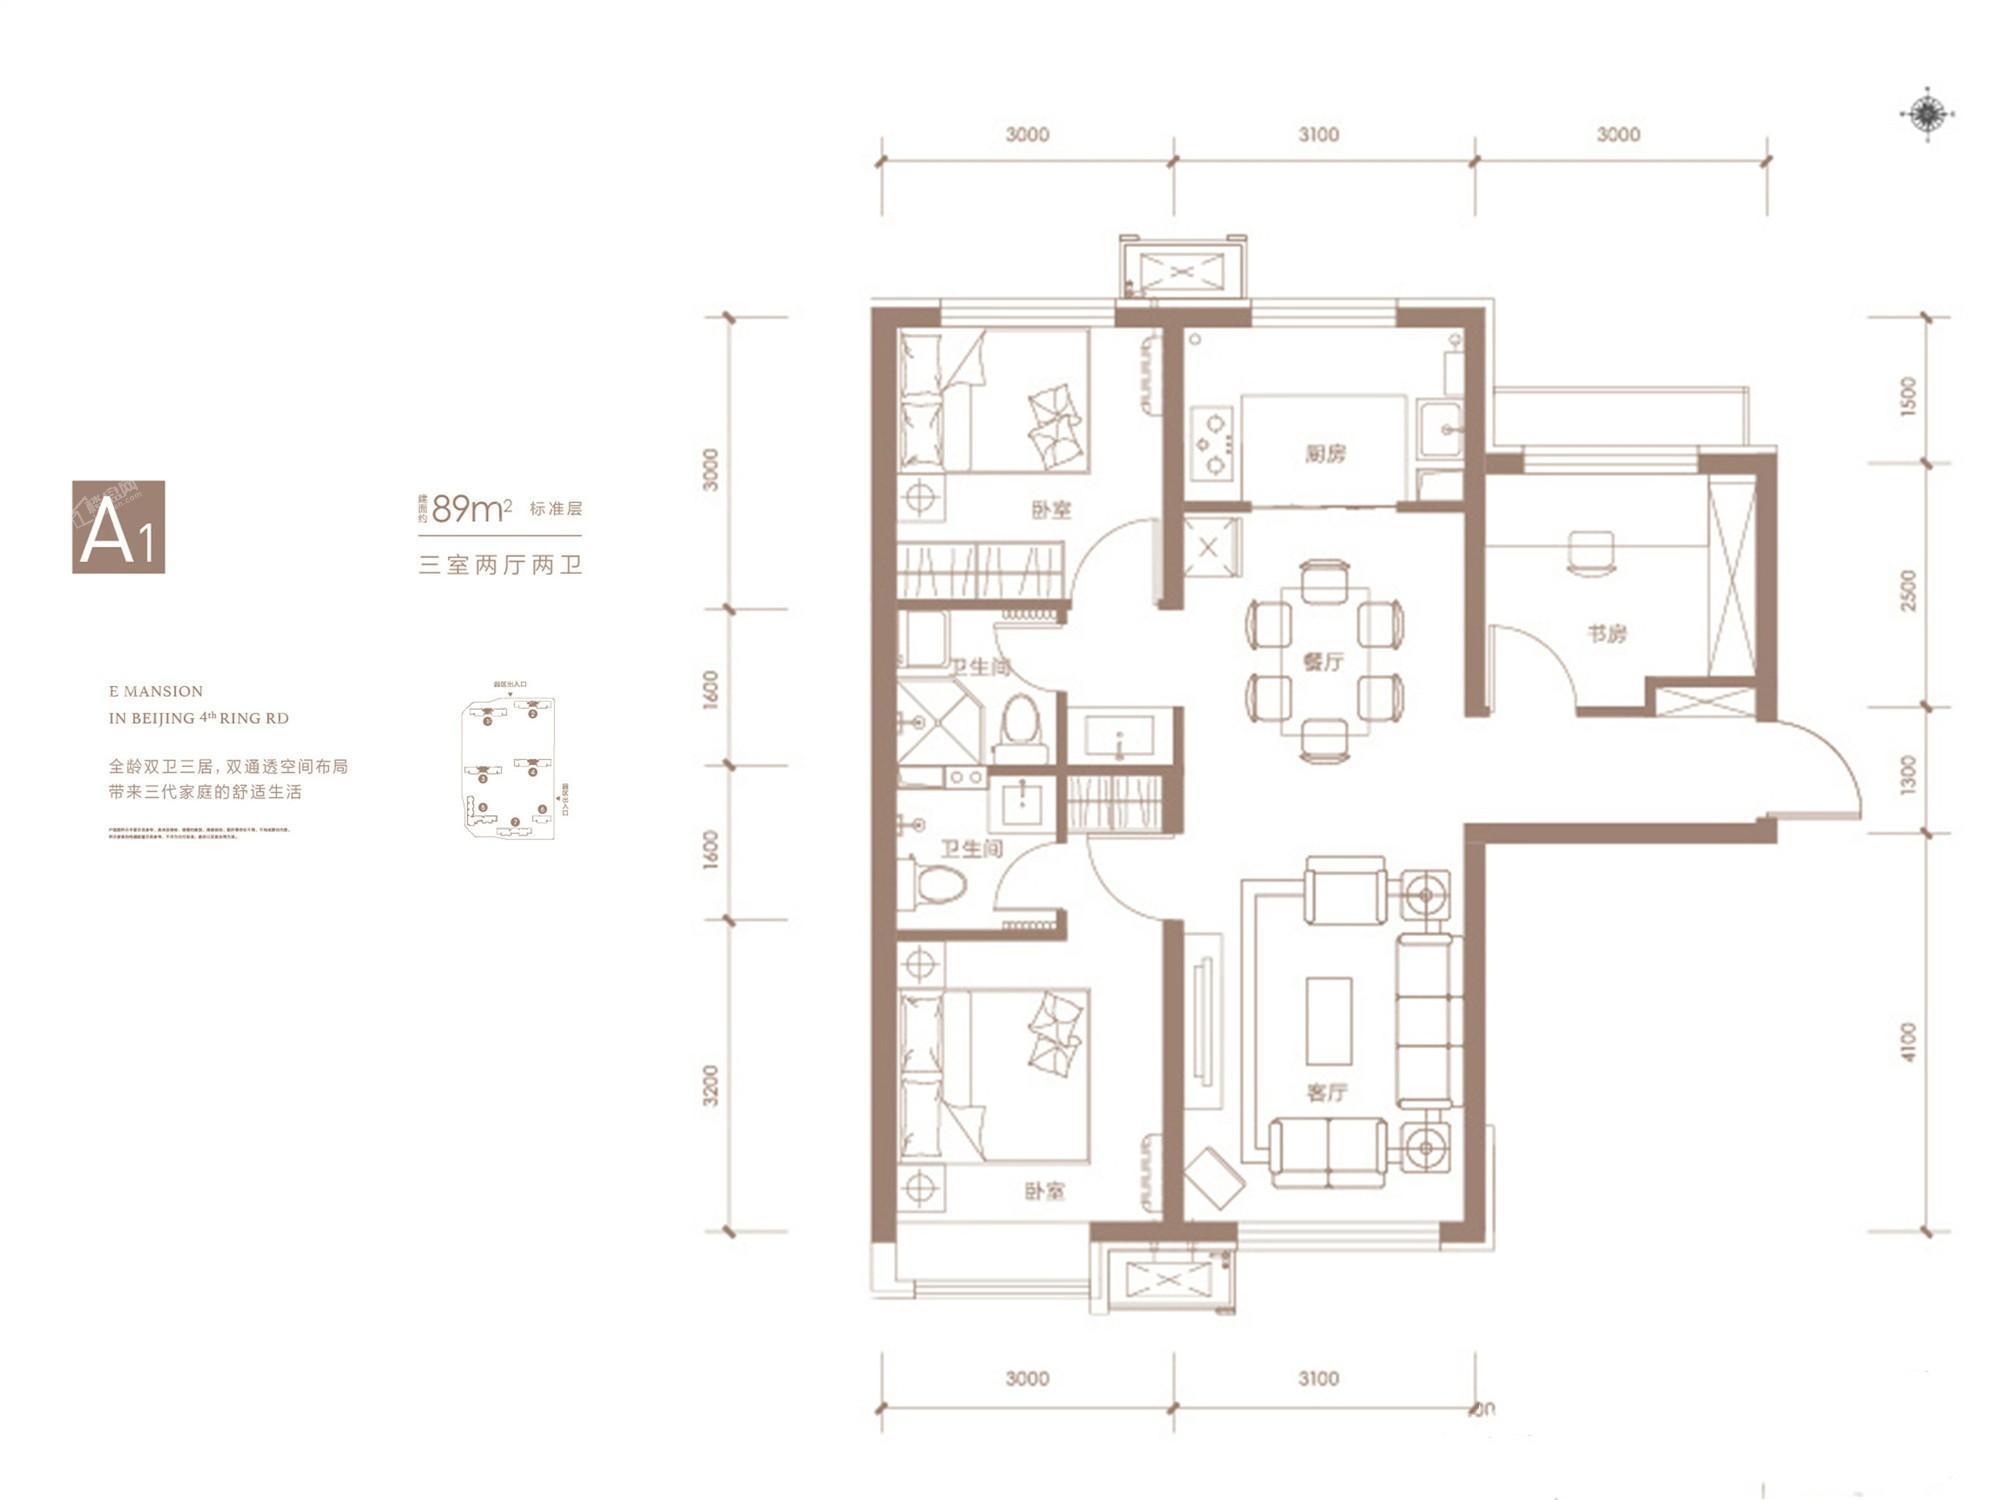 A1户型约89平米3室2厅2卫